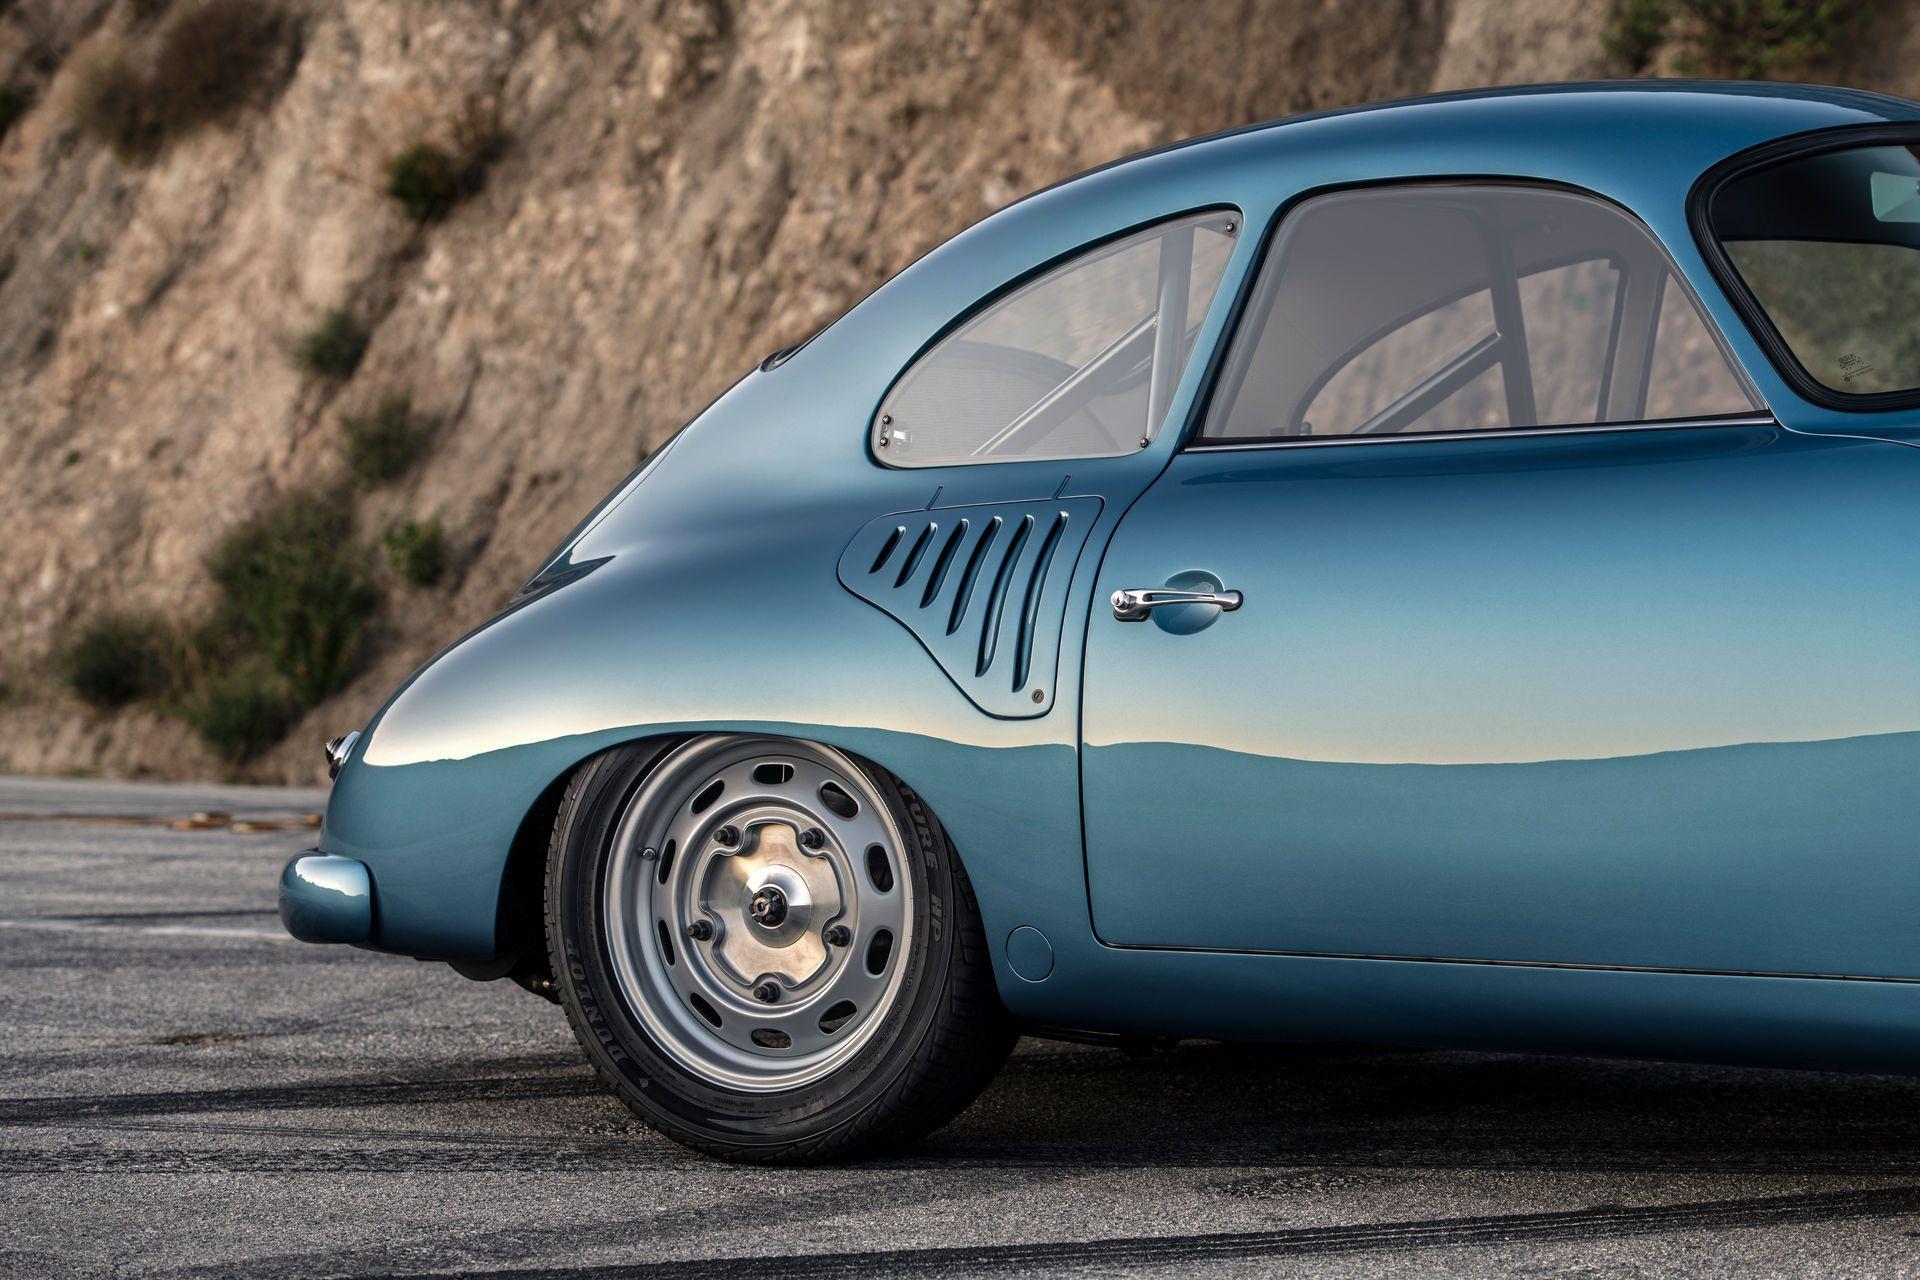 Porsche-356-A-Coupe-Restomod-Emory-Motorsports-37